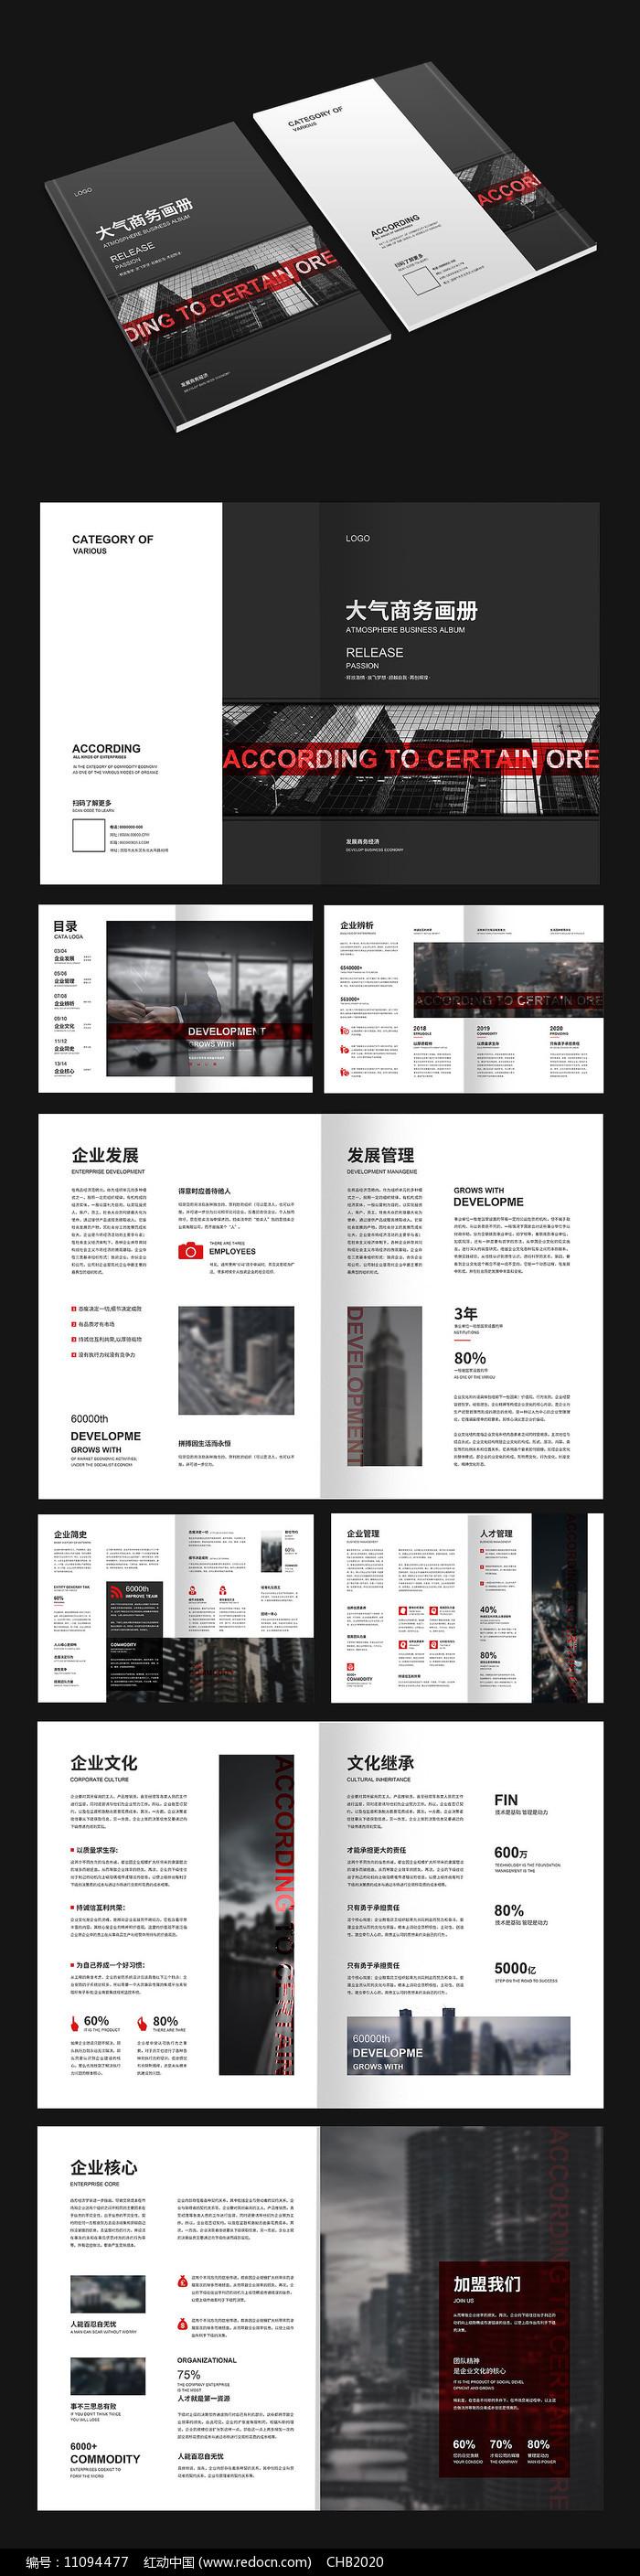 黑色炫酷商务画册图片